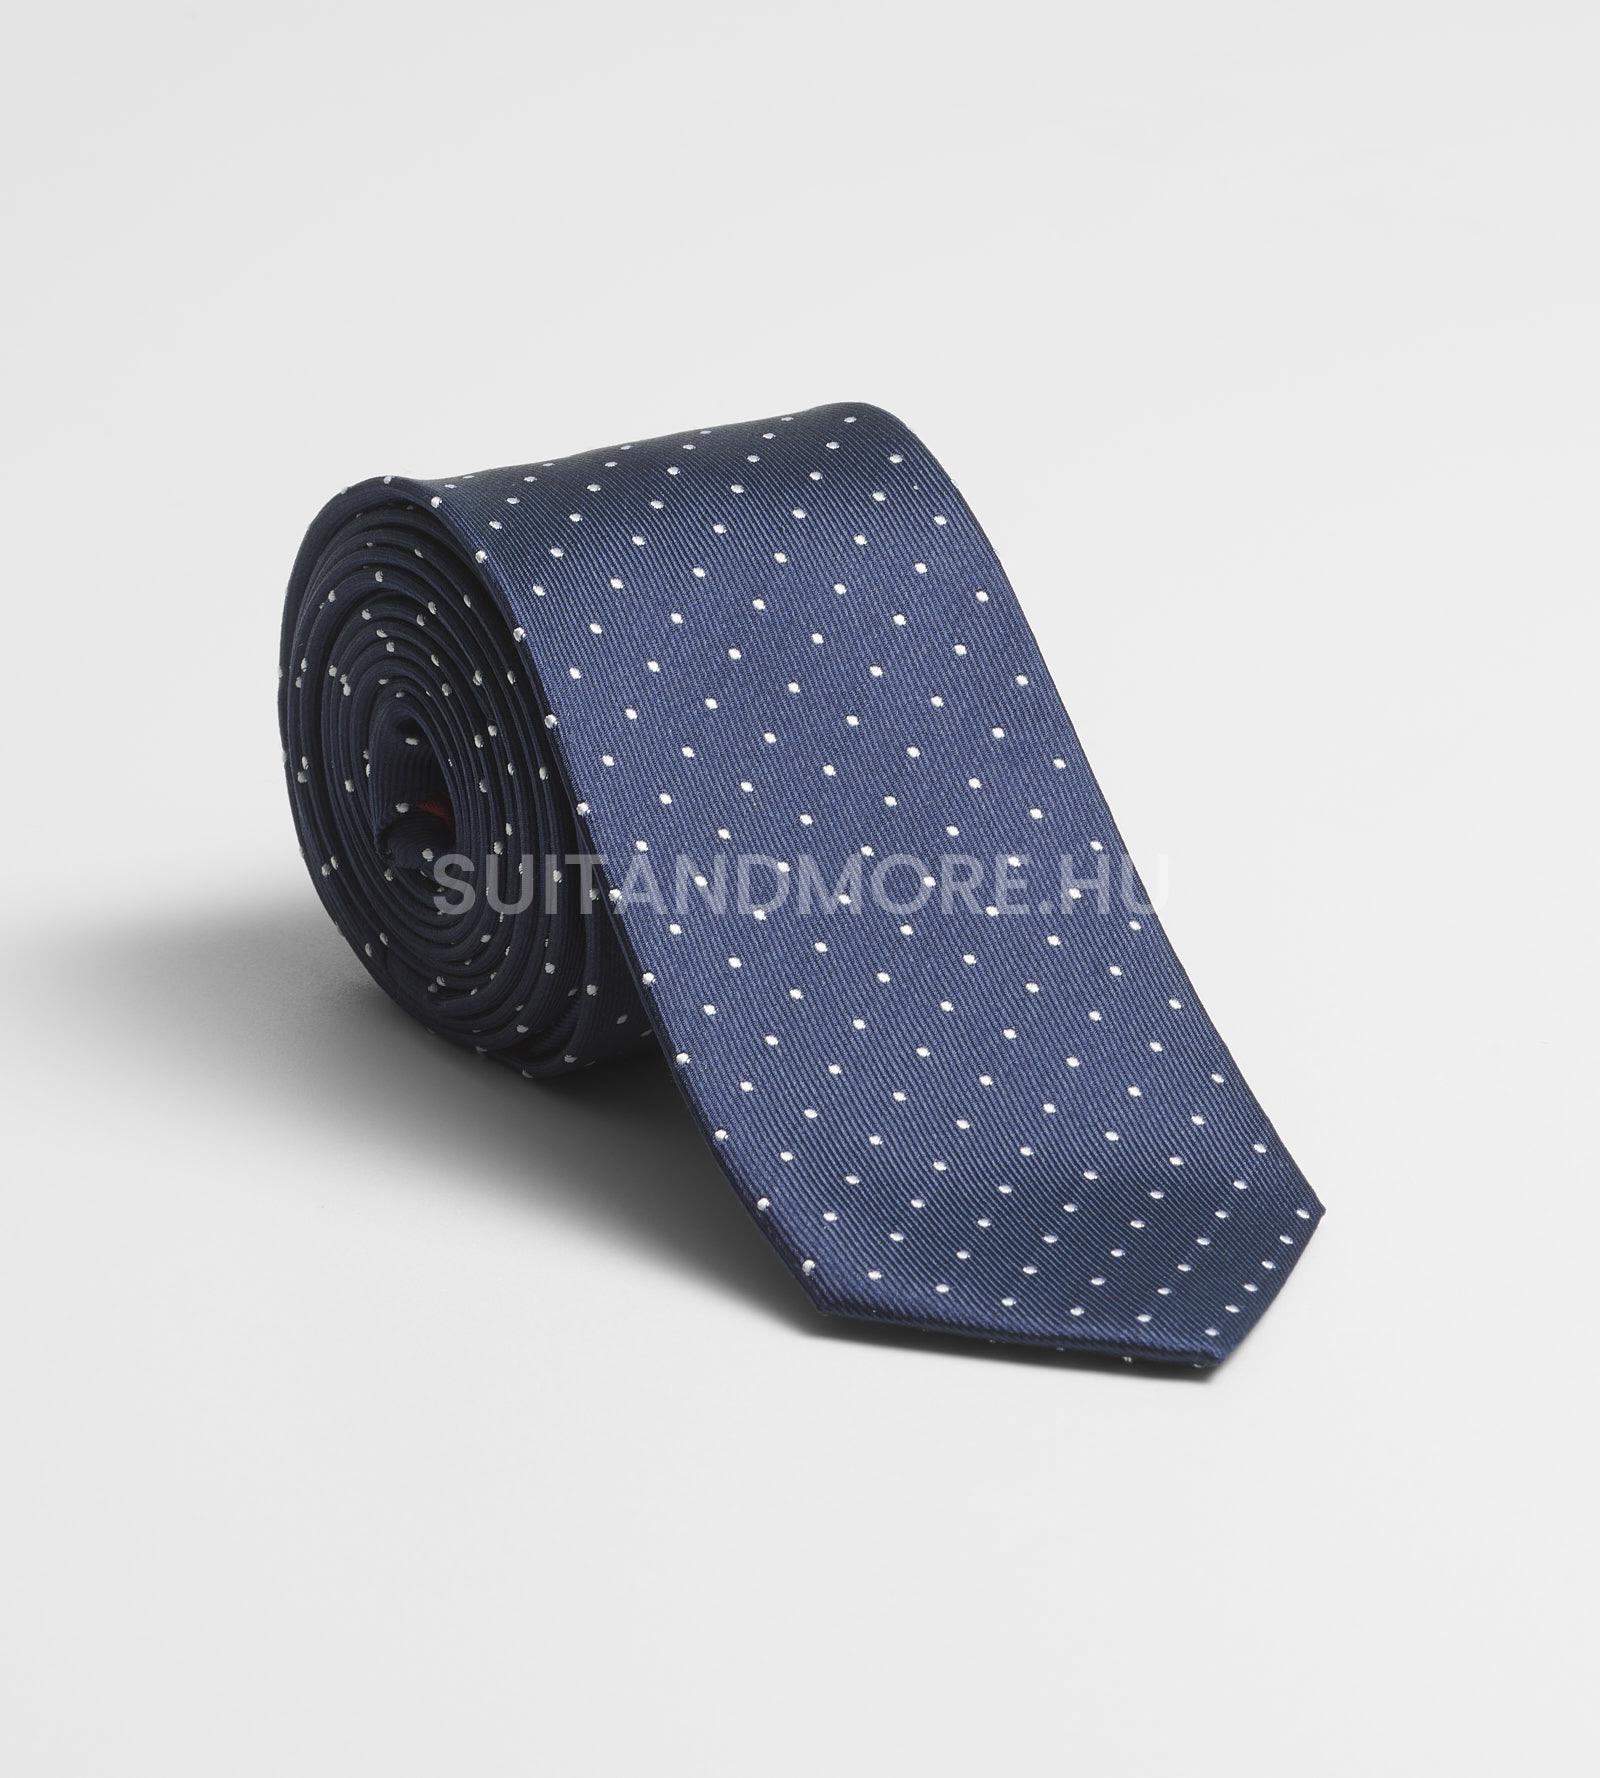 olymp-sotetkek-pottyos-selyem-nyakkendo-1799-00-18-01